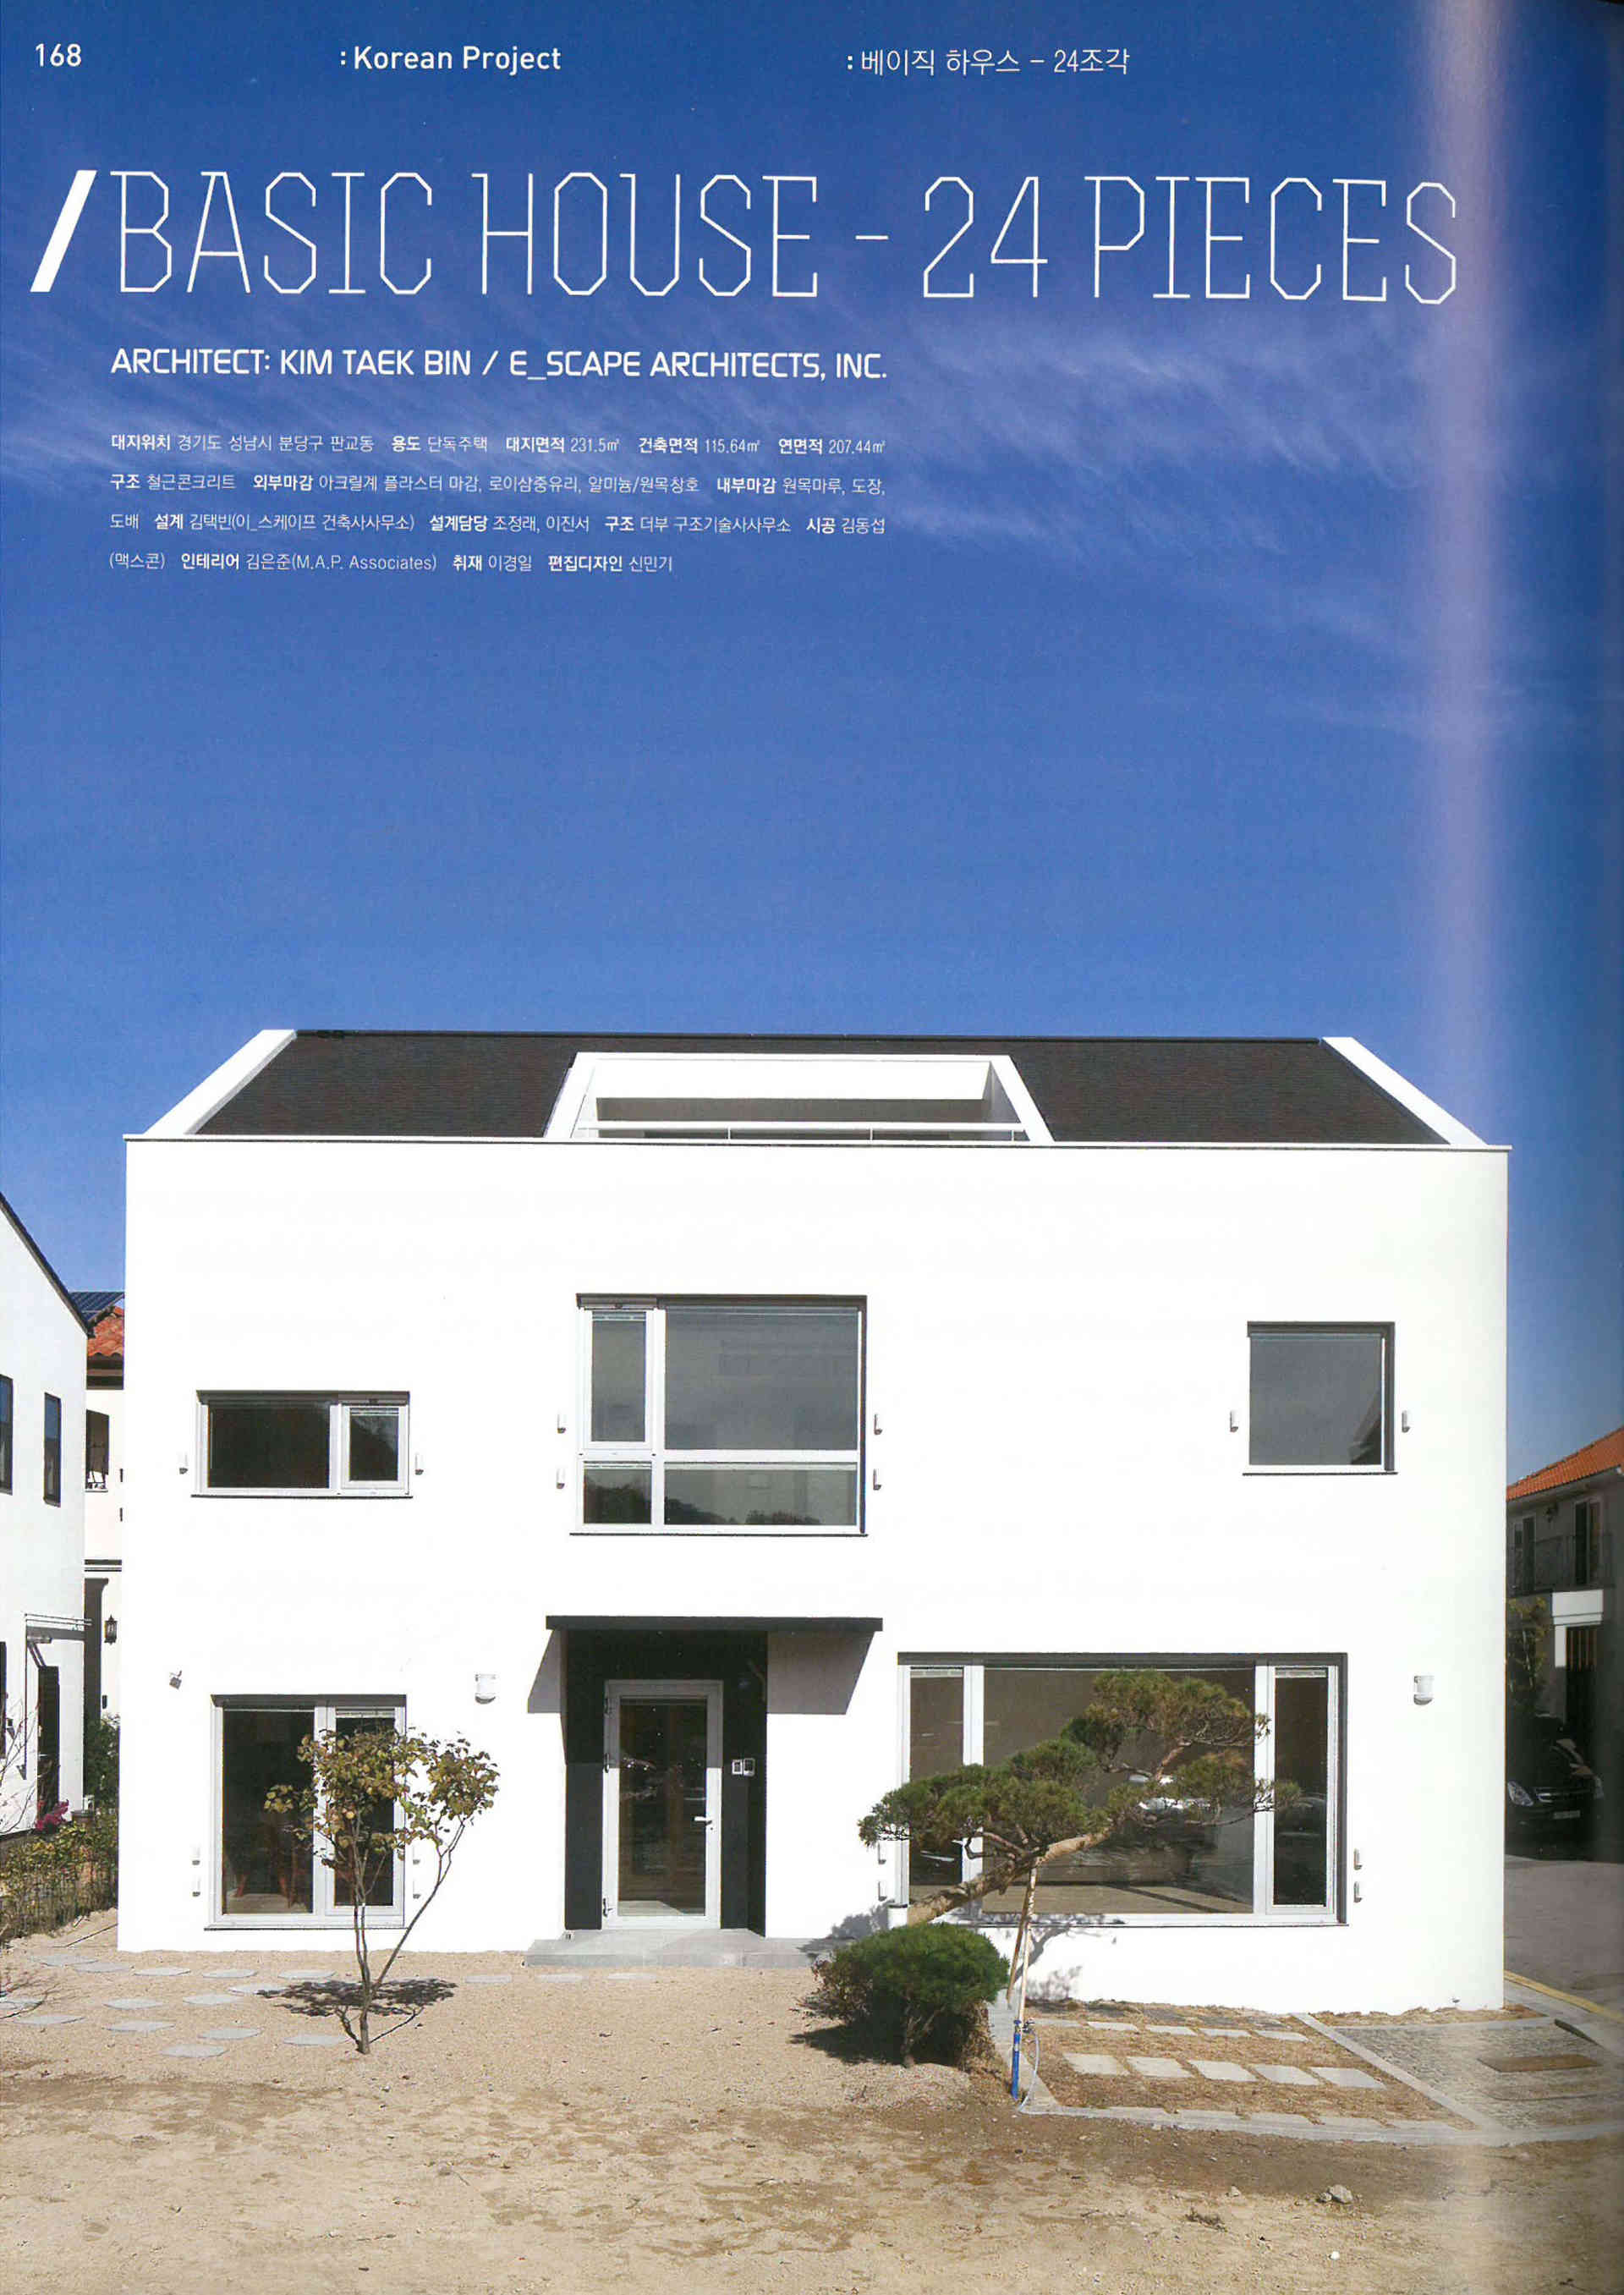 건축문화392_basic house-2.jpg